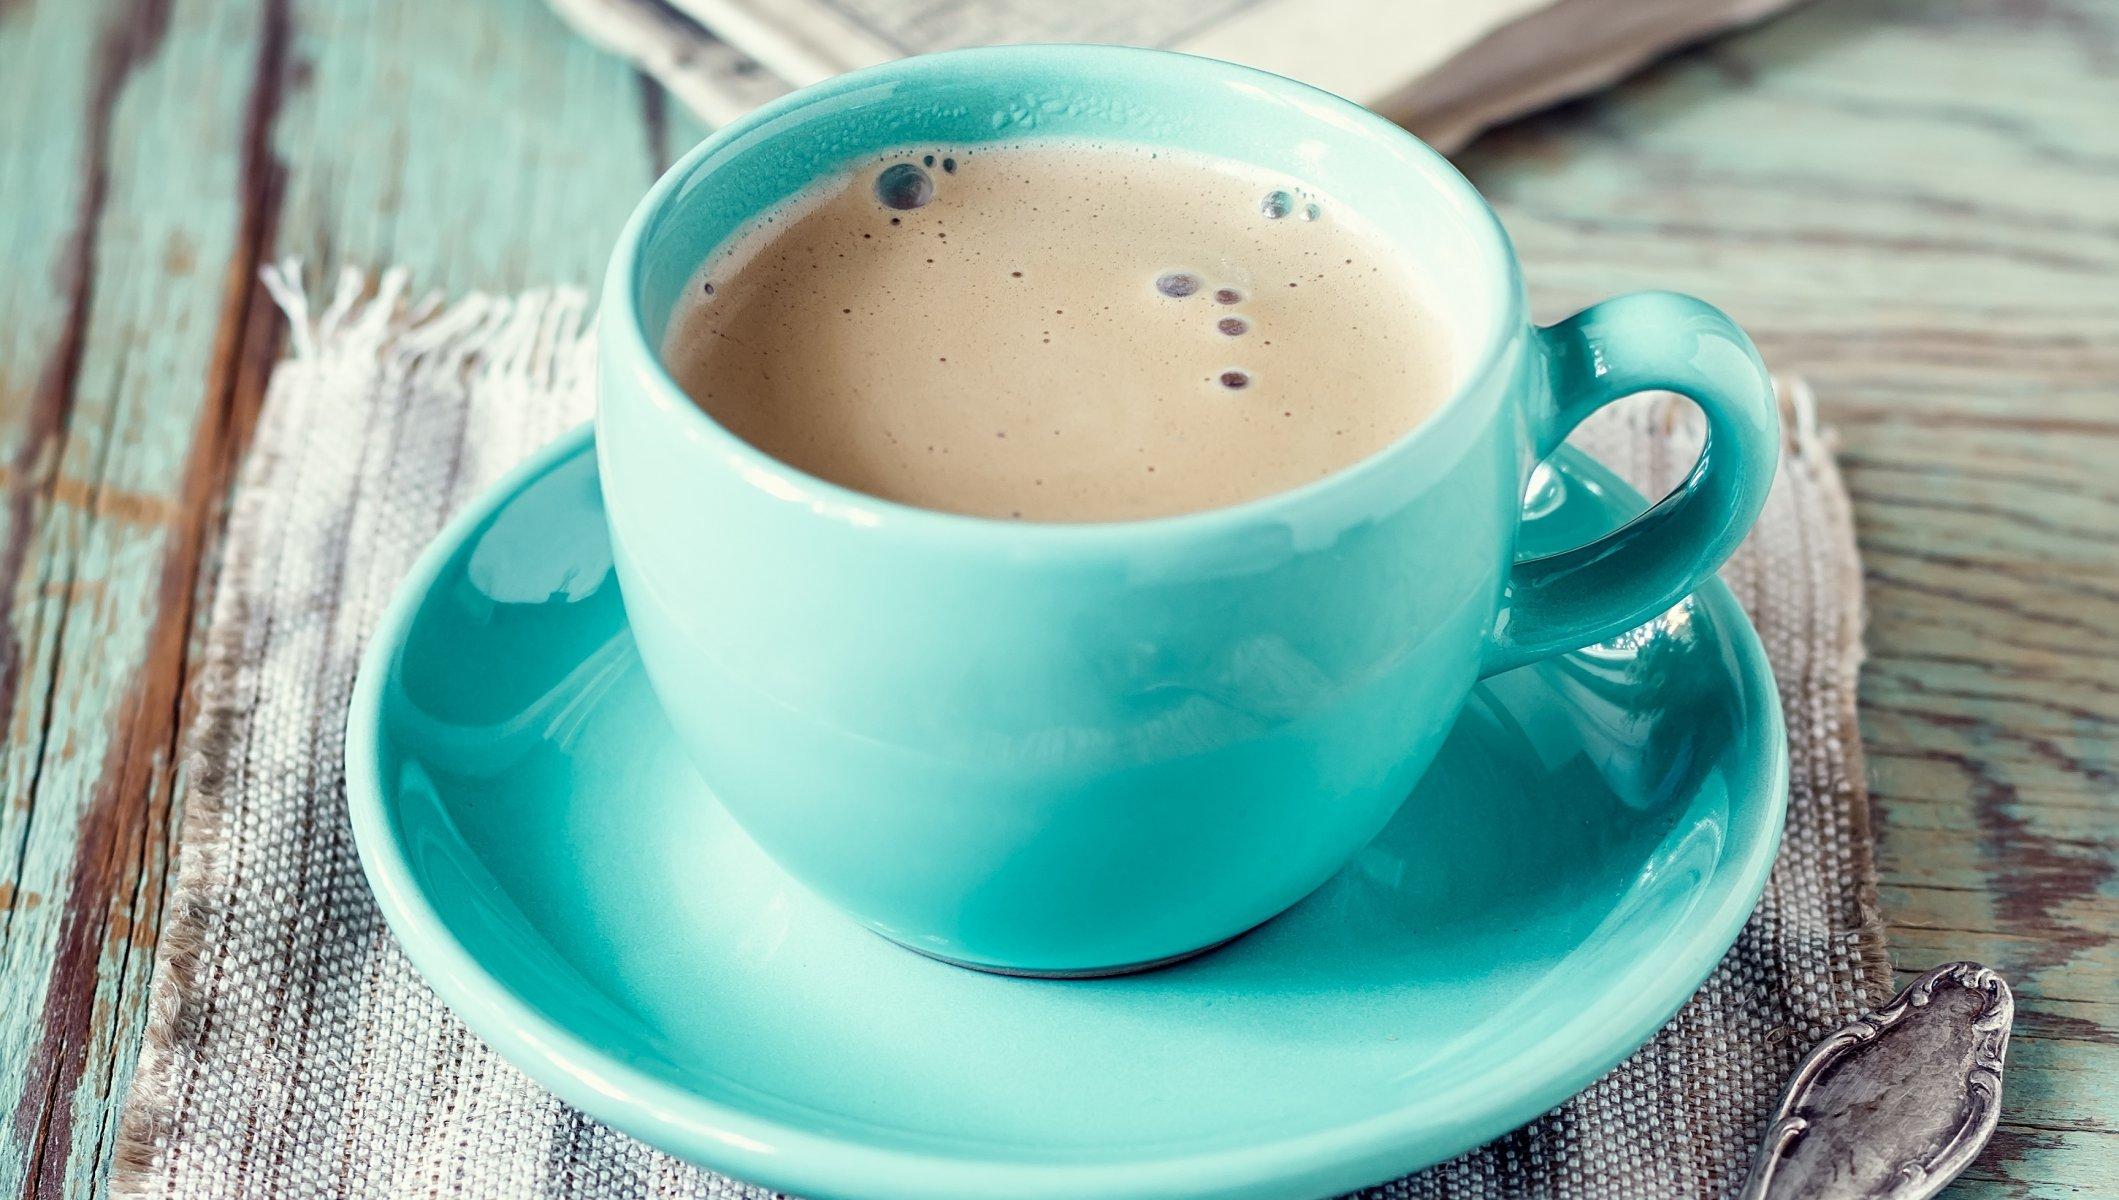 кофе чашка блюдце  № 2172524 без смс